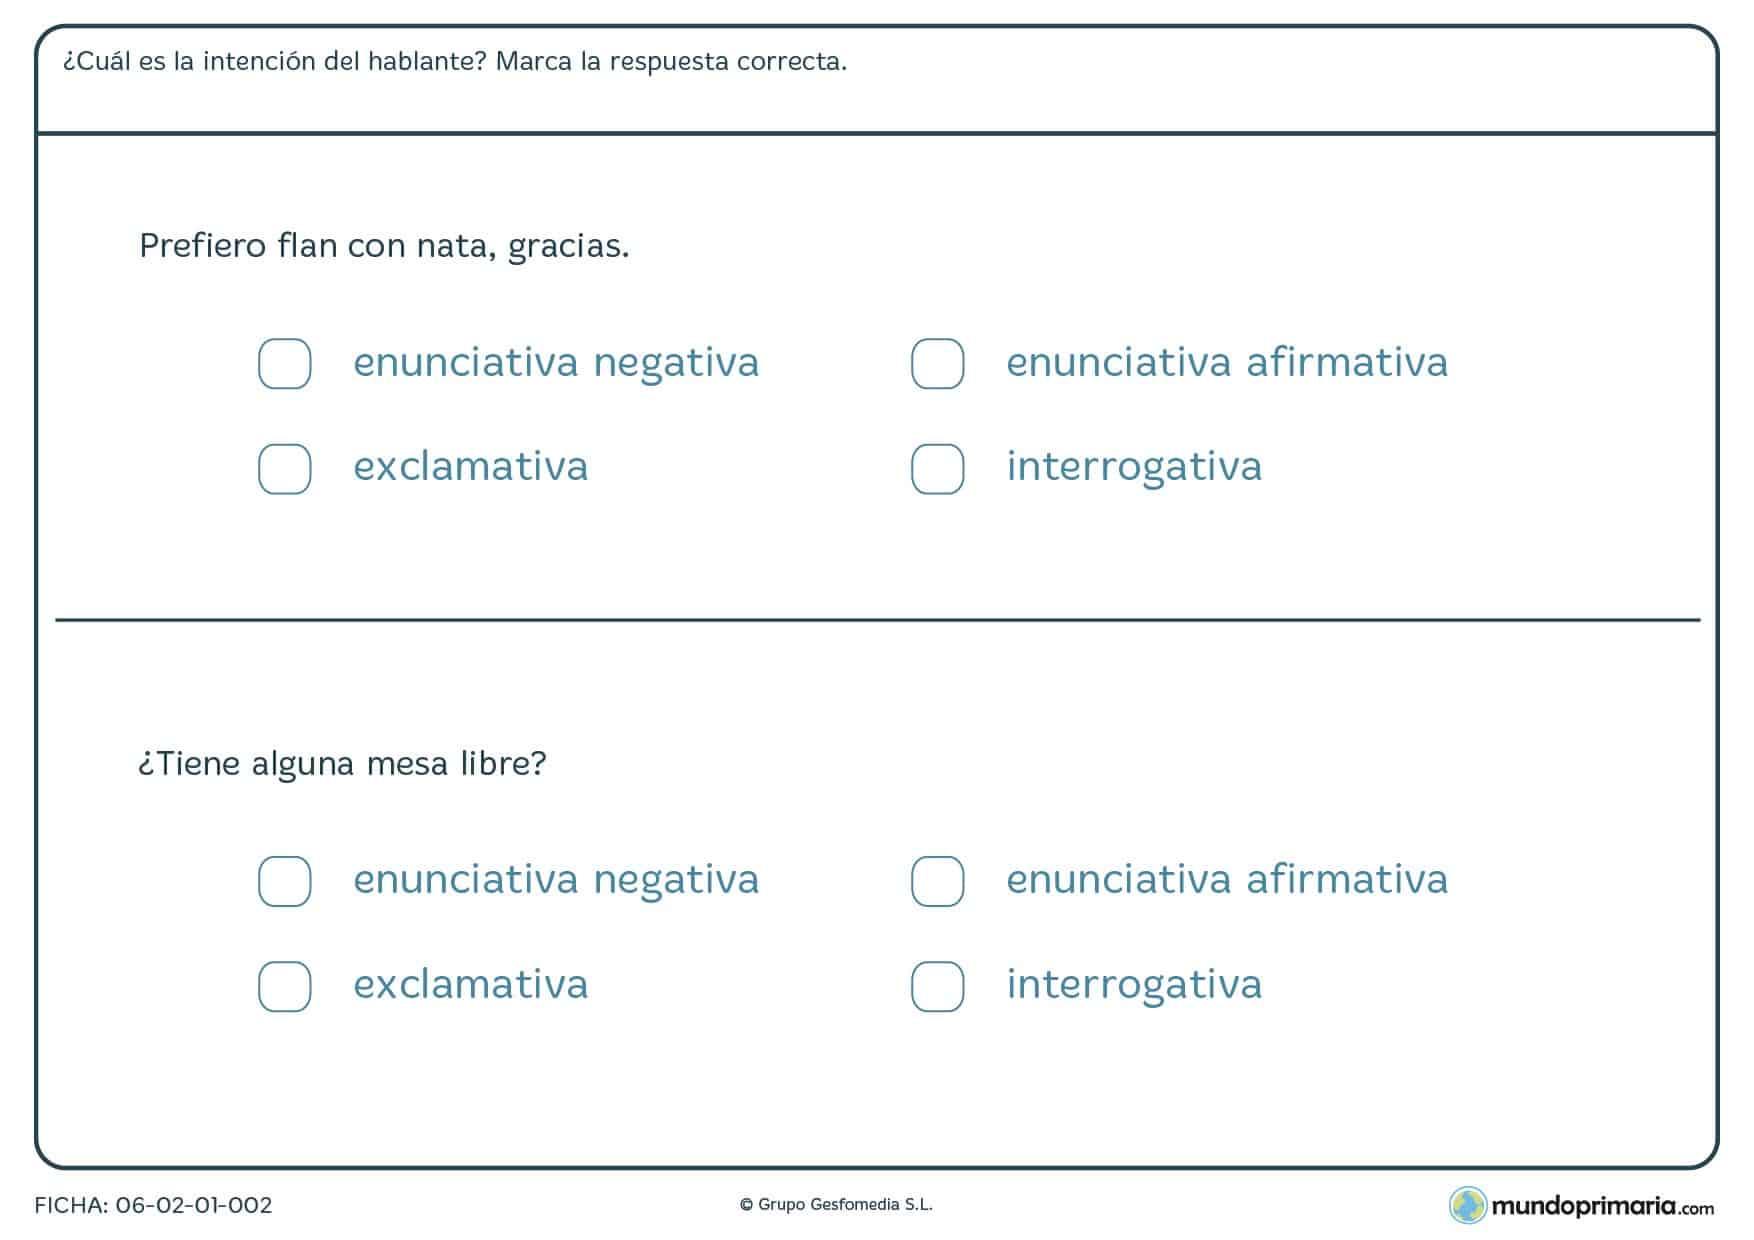 Ficha de clasificar oraciones según la intención de cómo se dice, en enuciativas,interrogativas y exclamativas.